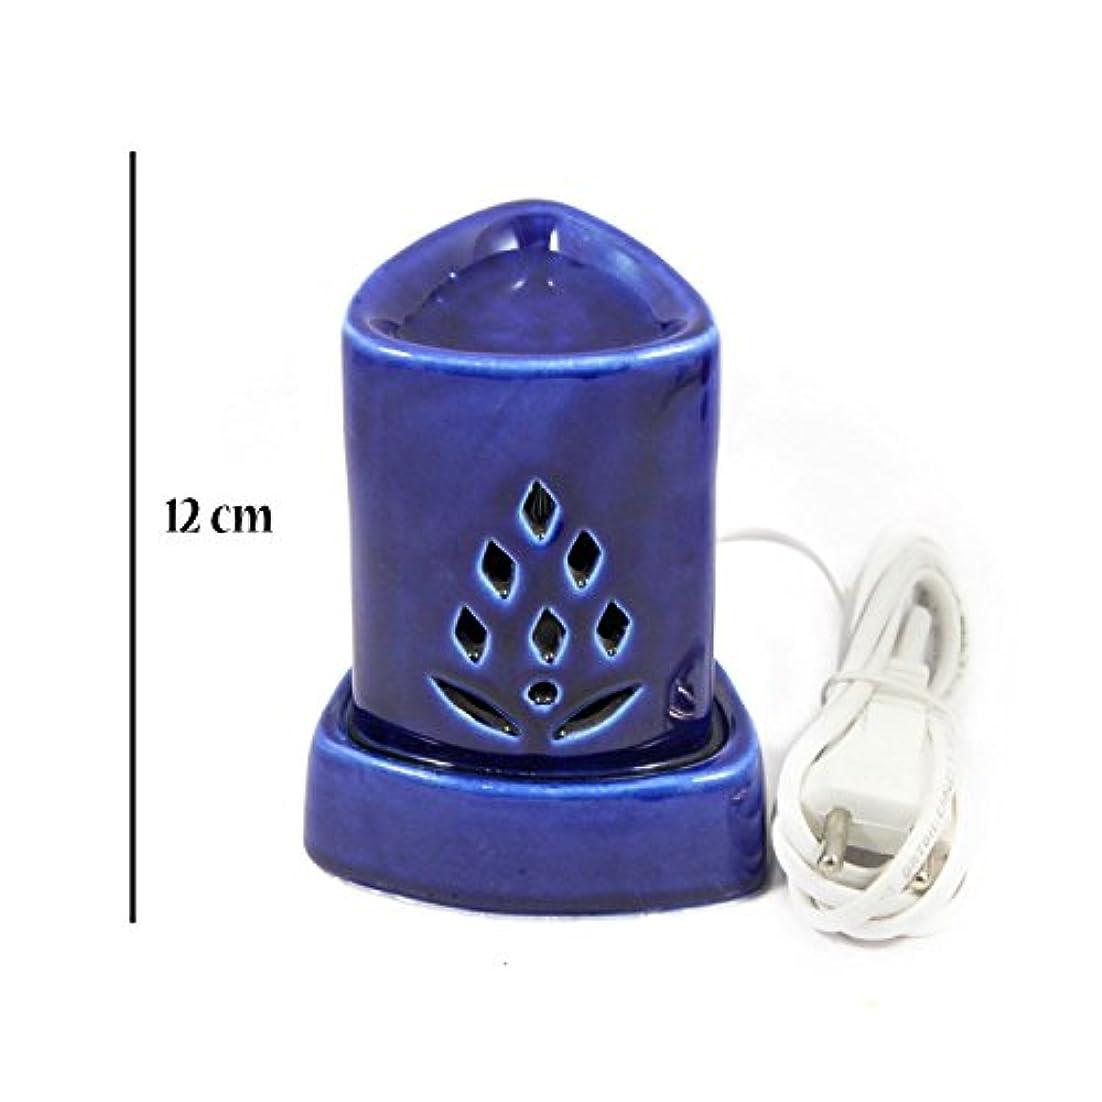 愛されし者警告早めるインドホームインテリア定期的な使用法汚染フリーハンドメイドセラミック粘土電気アロマオイルバーナー&ティーライトランプ/良質ホワイトカラー電気アロマオイルバーナーまたはアロマオイルディフューザー数量1